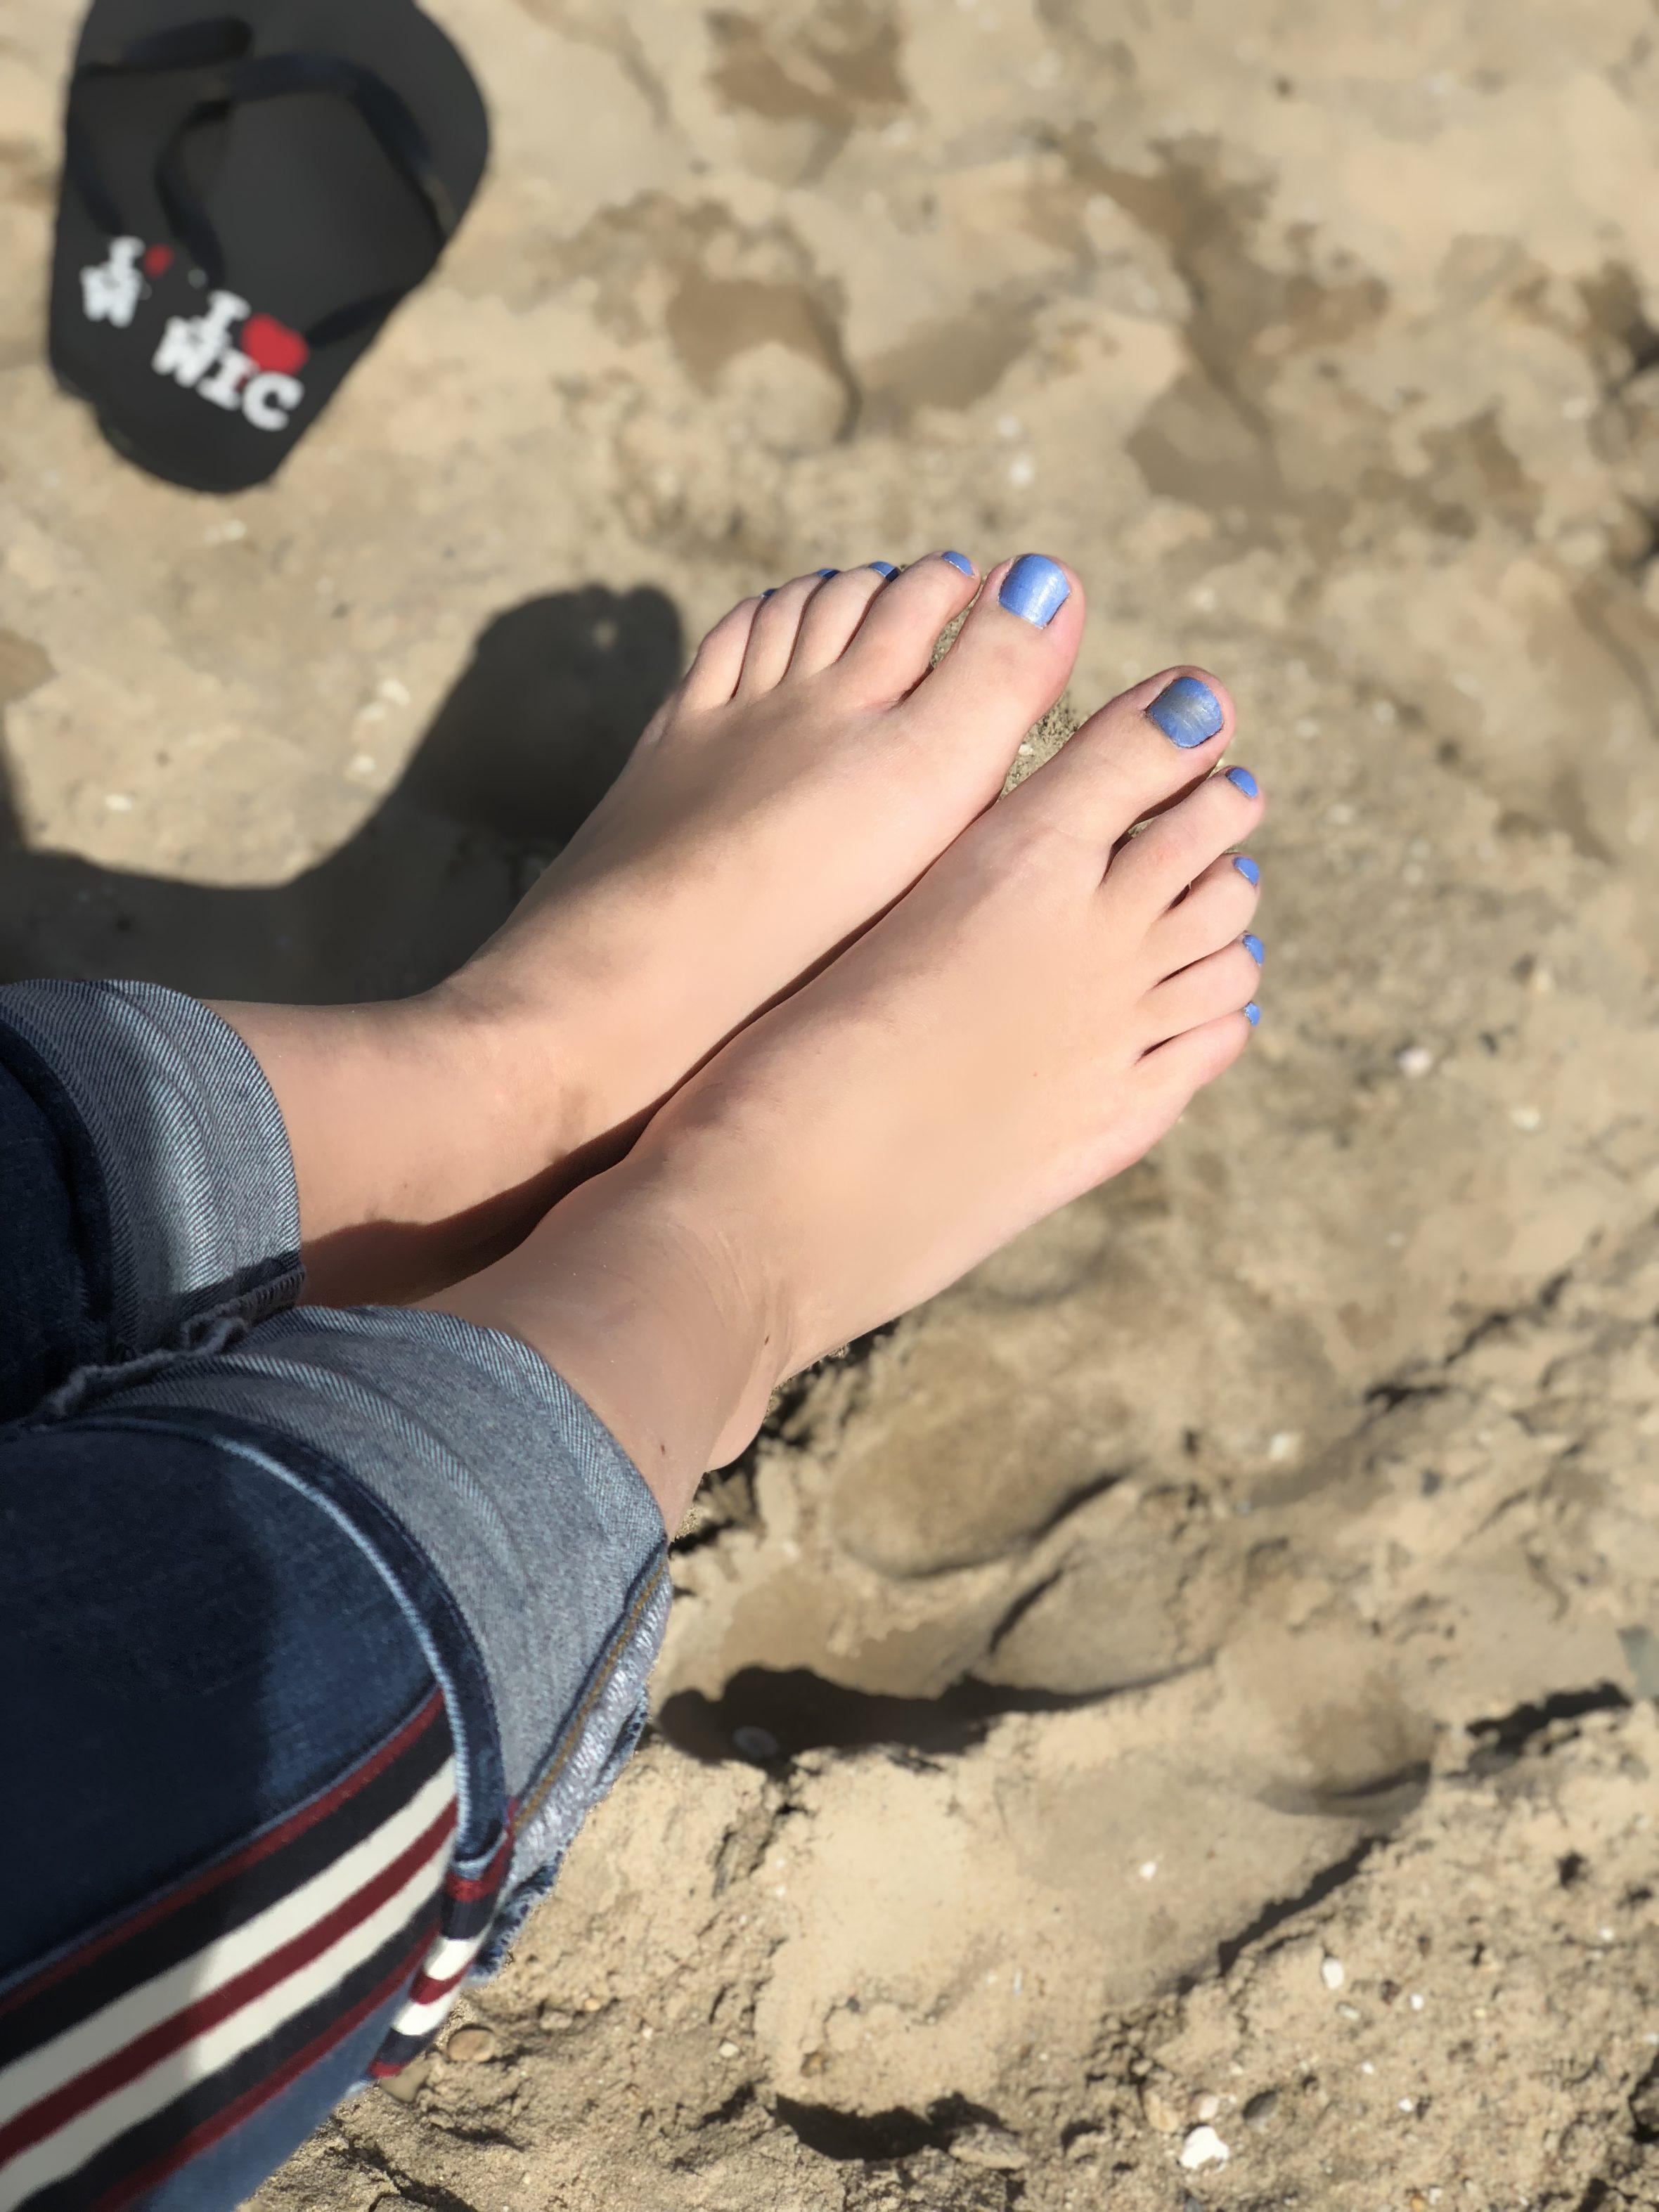 Negallak vervaagd door zand gebruik Colour Revival voor herstel